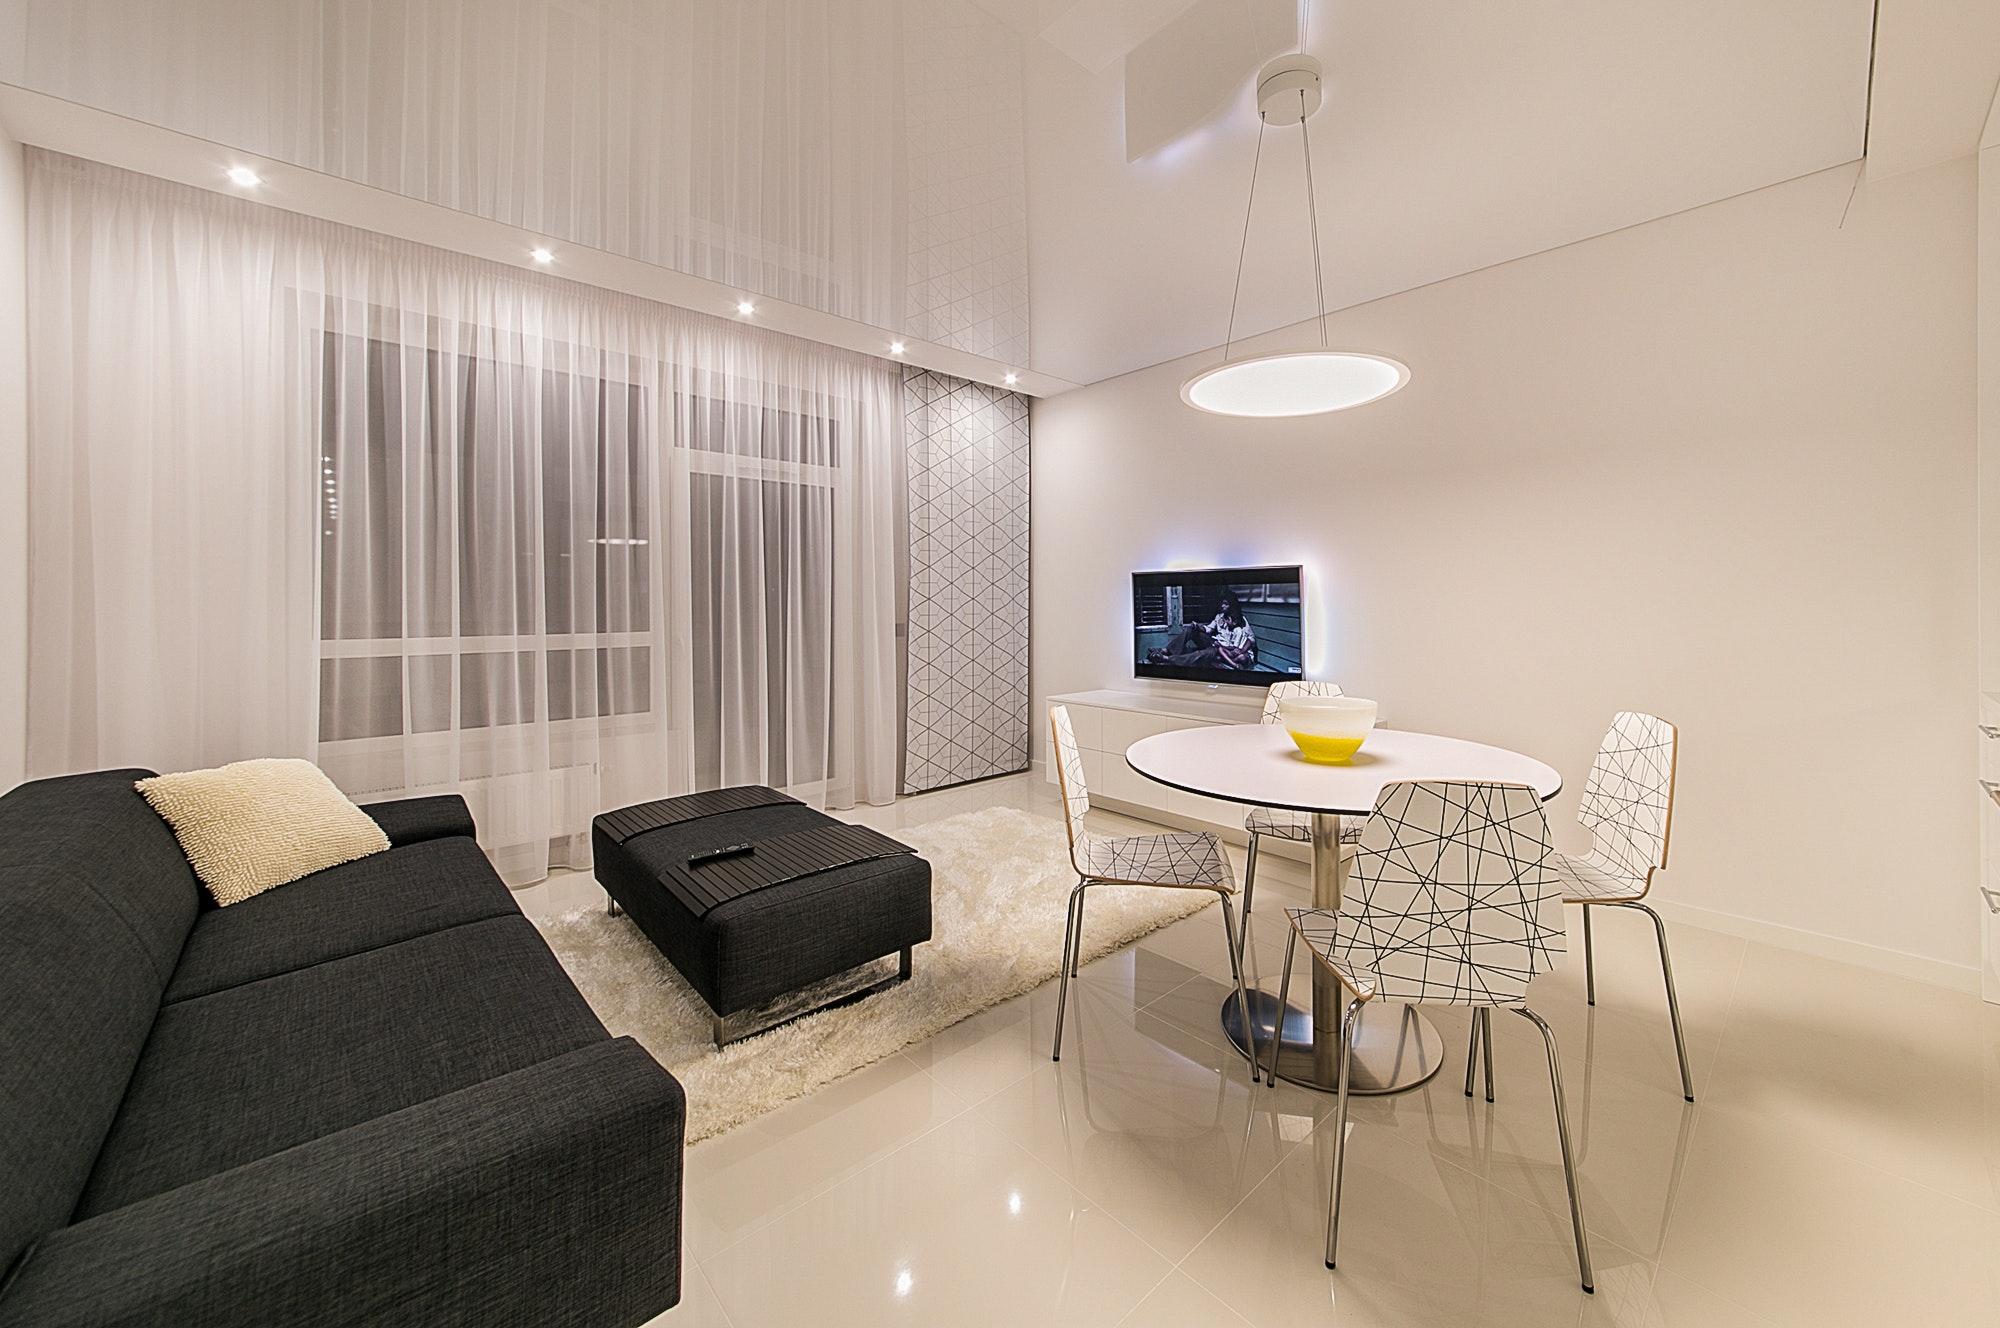 Canalina Per Fili Tv come appendere la tv al muro? consigli pratici